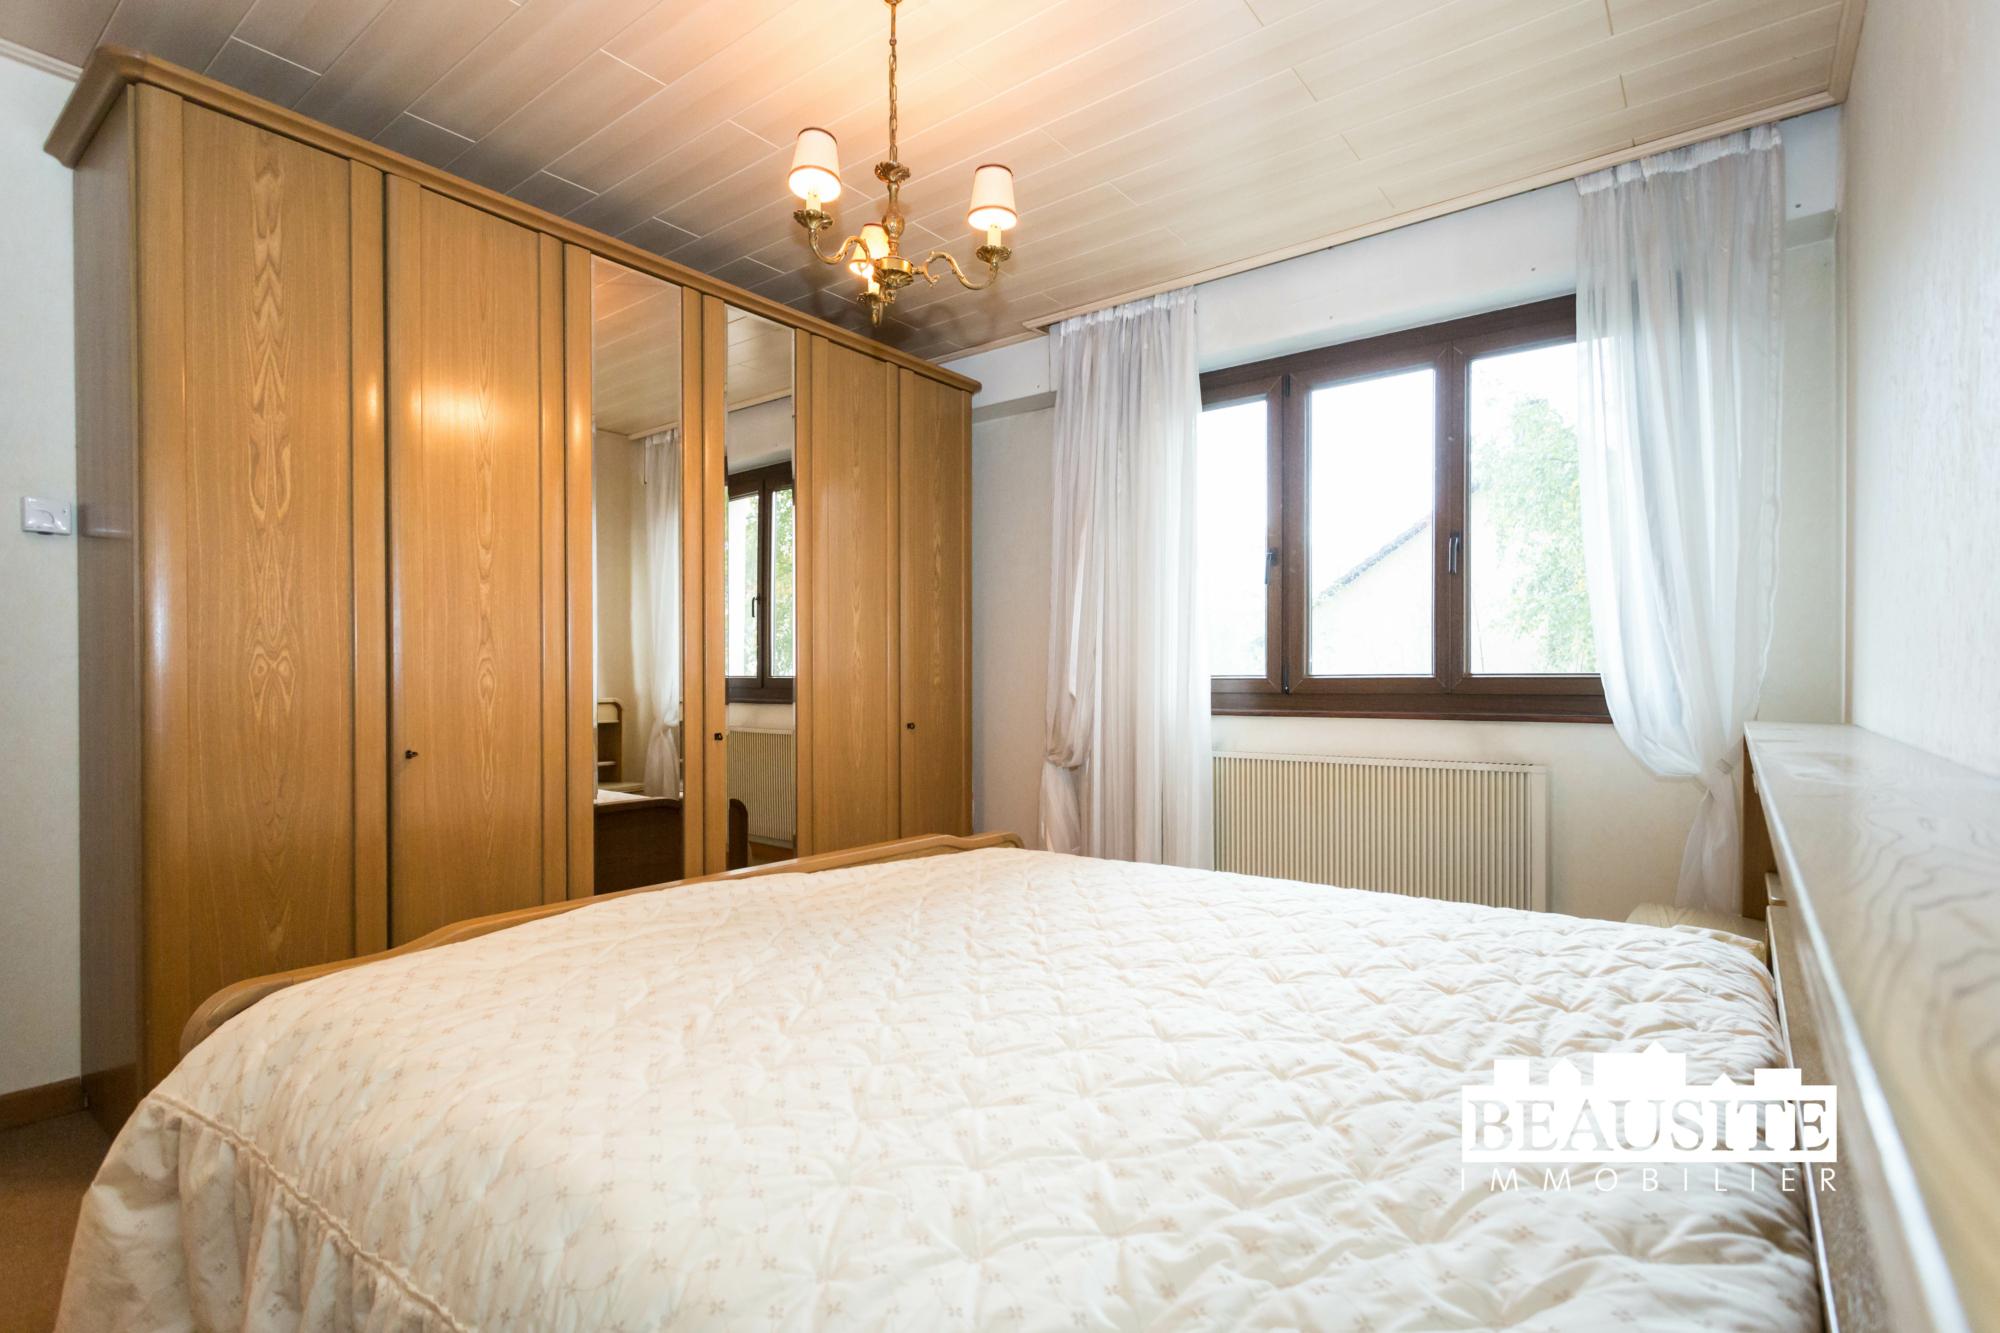 [Tonton] Un appartement familial avec balcon et garage - Neudorf / rue Saint-Amarin - nos ventes - Beausite Immobilier 14